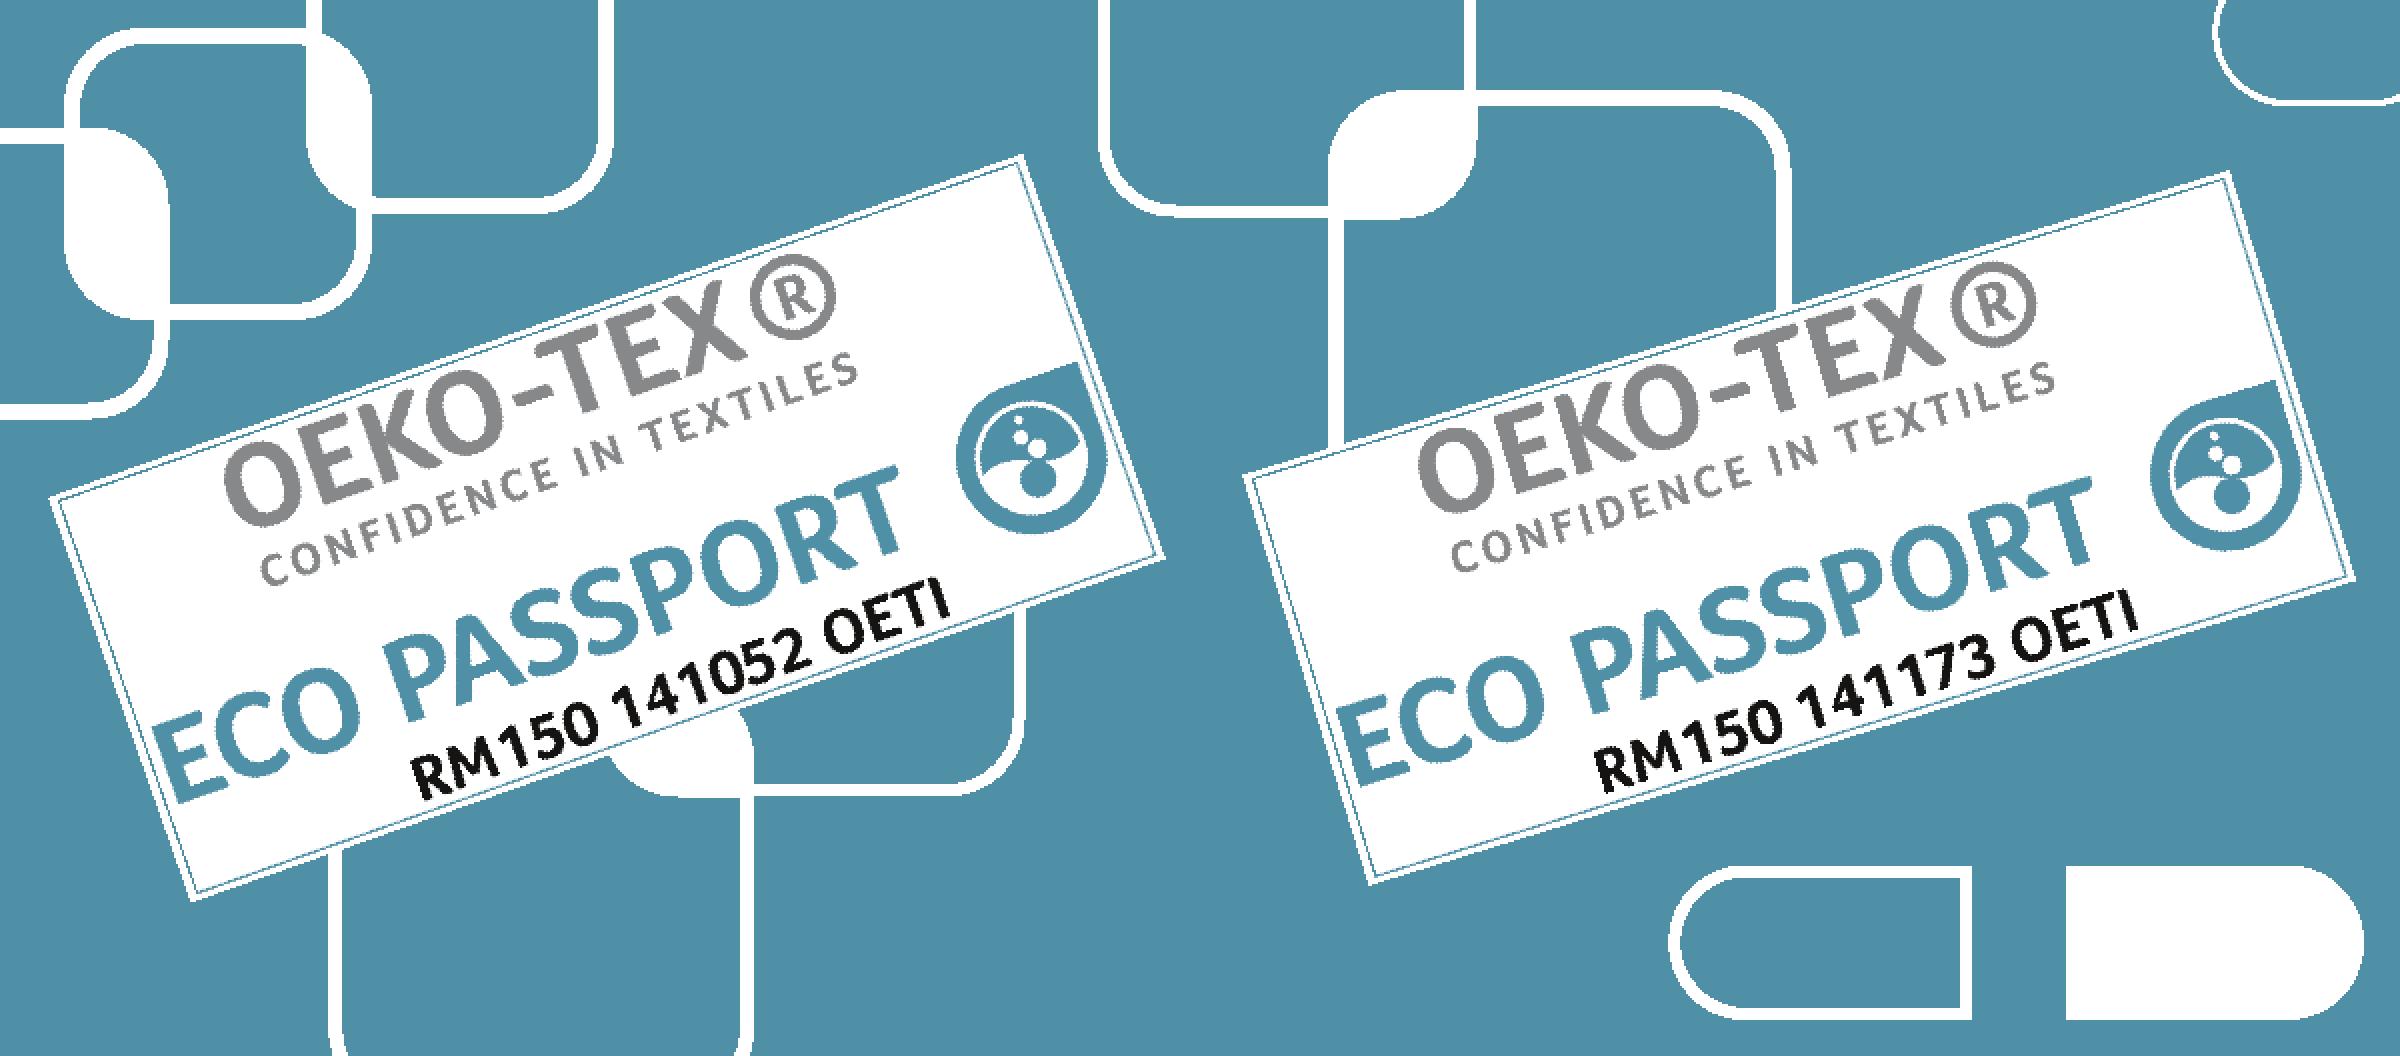 Eco-Passport Oeko-Tex 2020